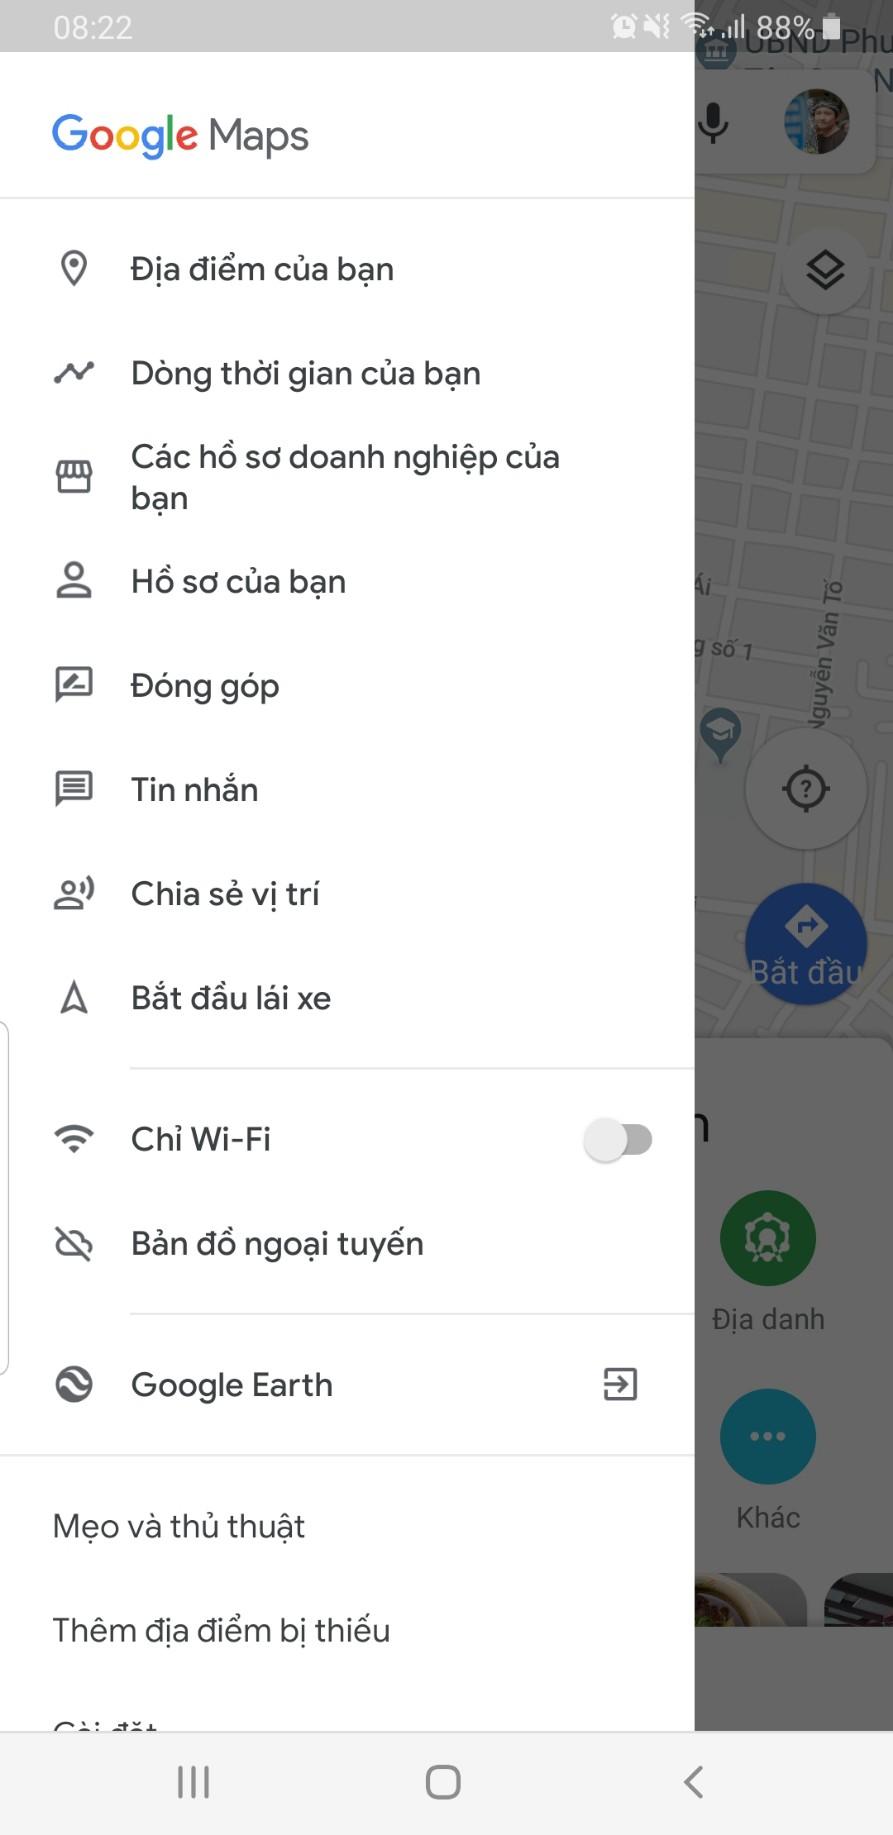 làm cách nào lấy lại vị trí mình đã đi qua - Maps Community